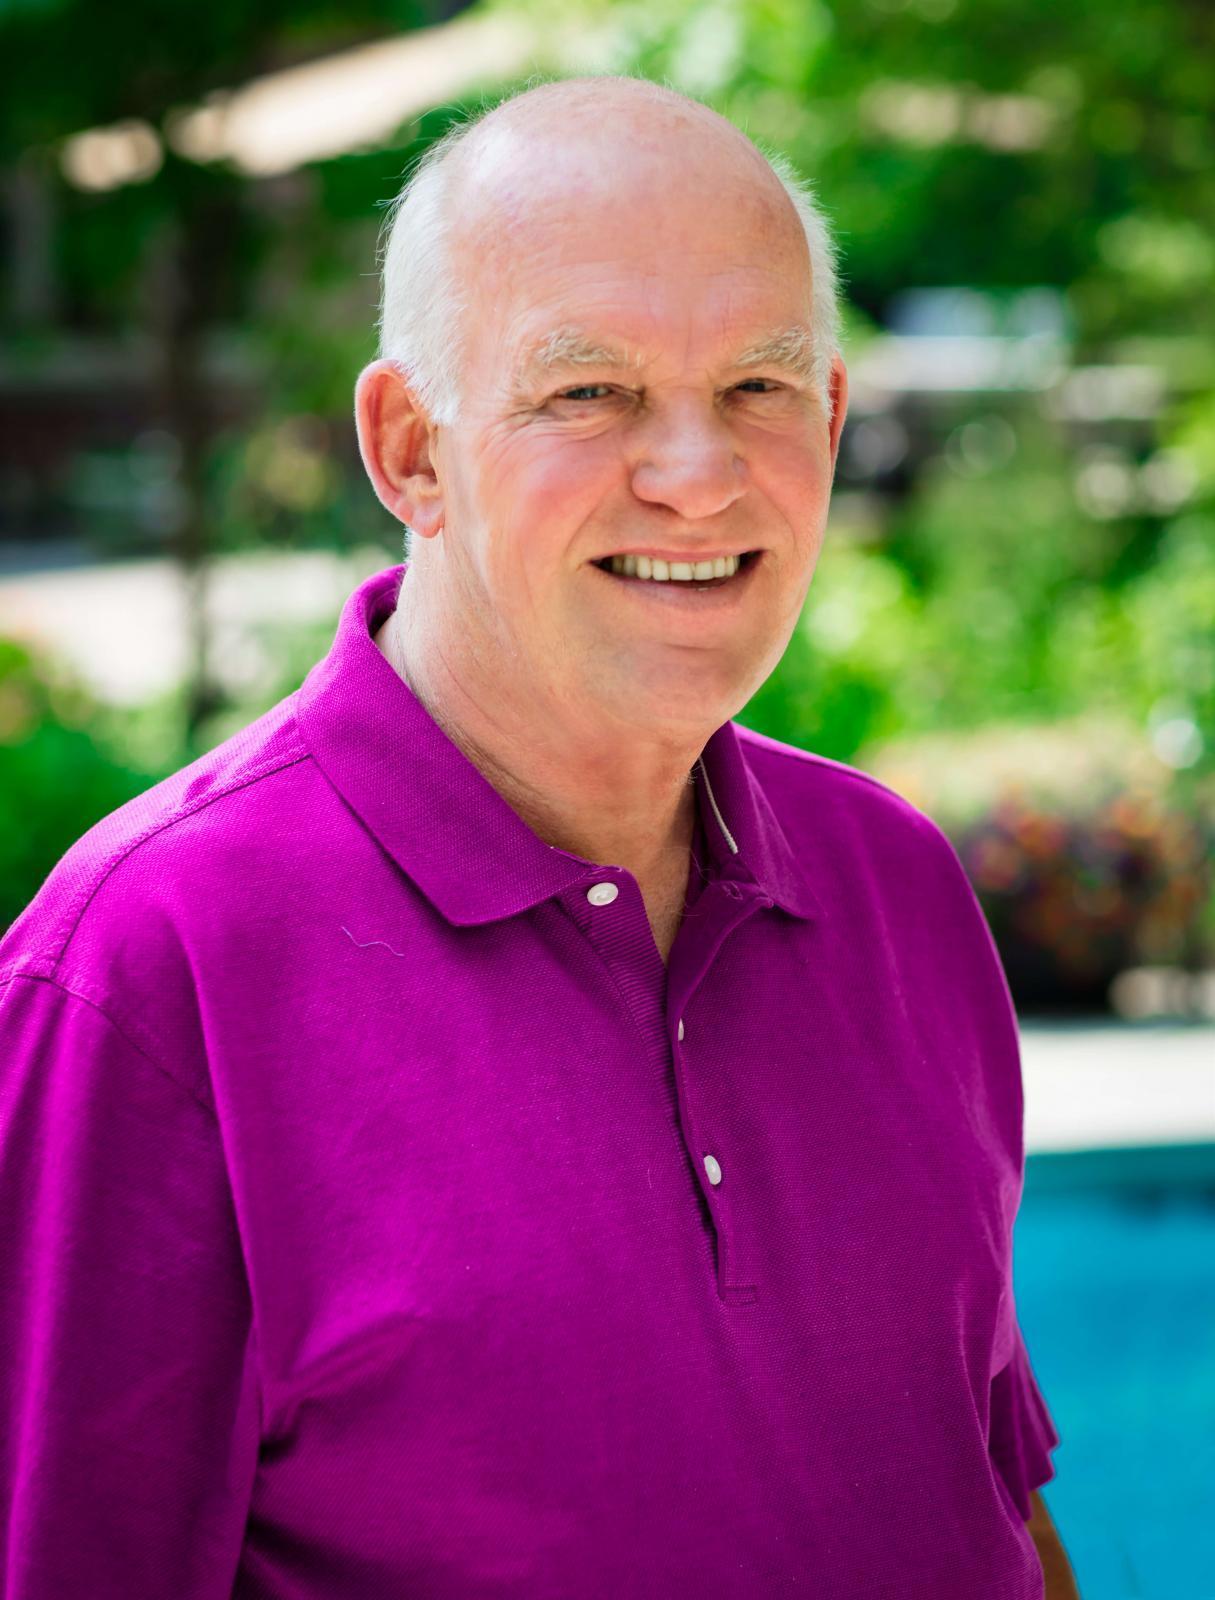 Bob Wilton